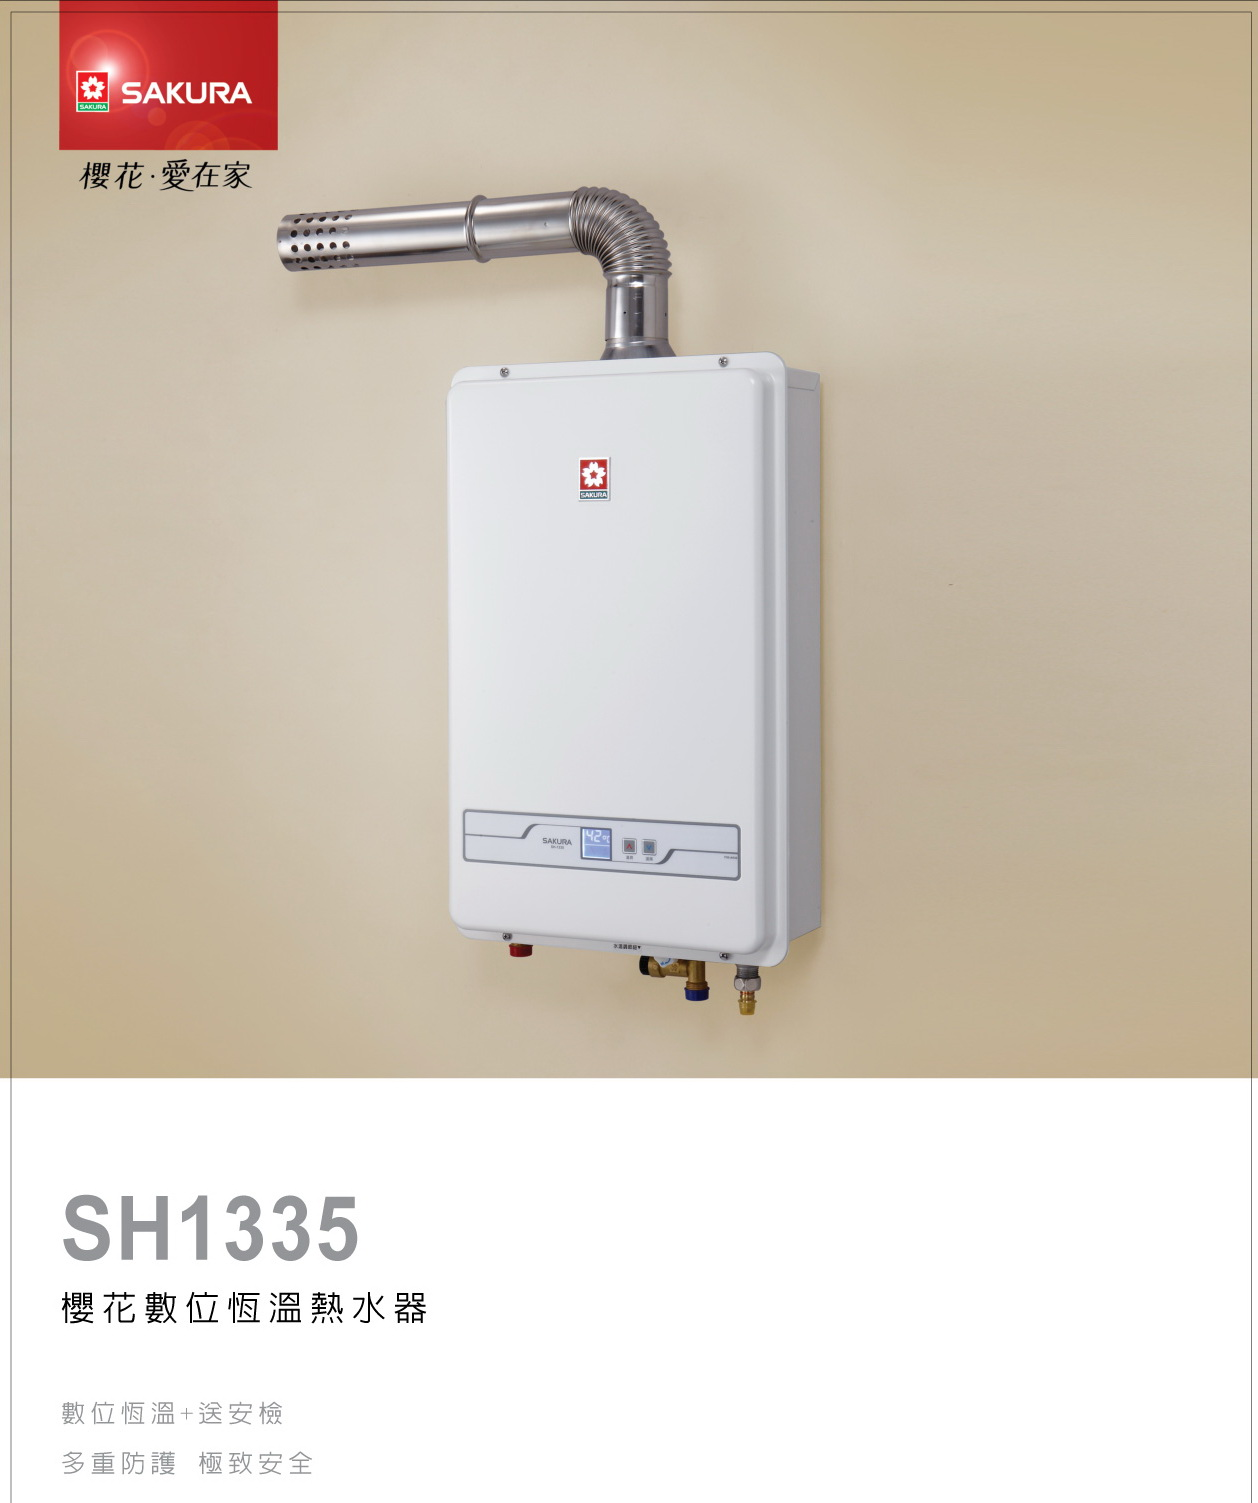 SH1335-0302-5.jpg